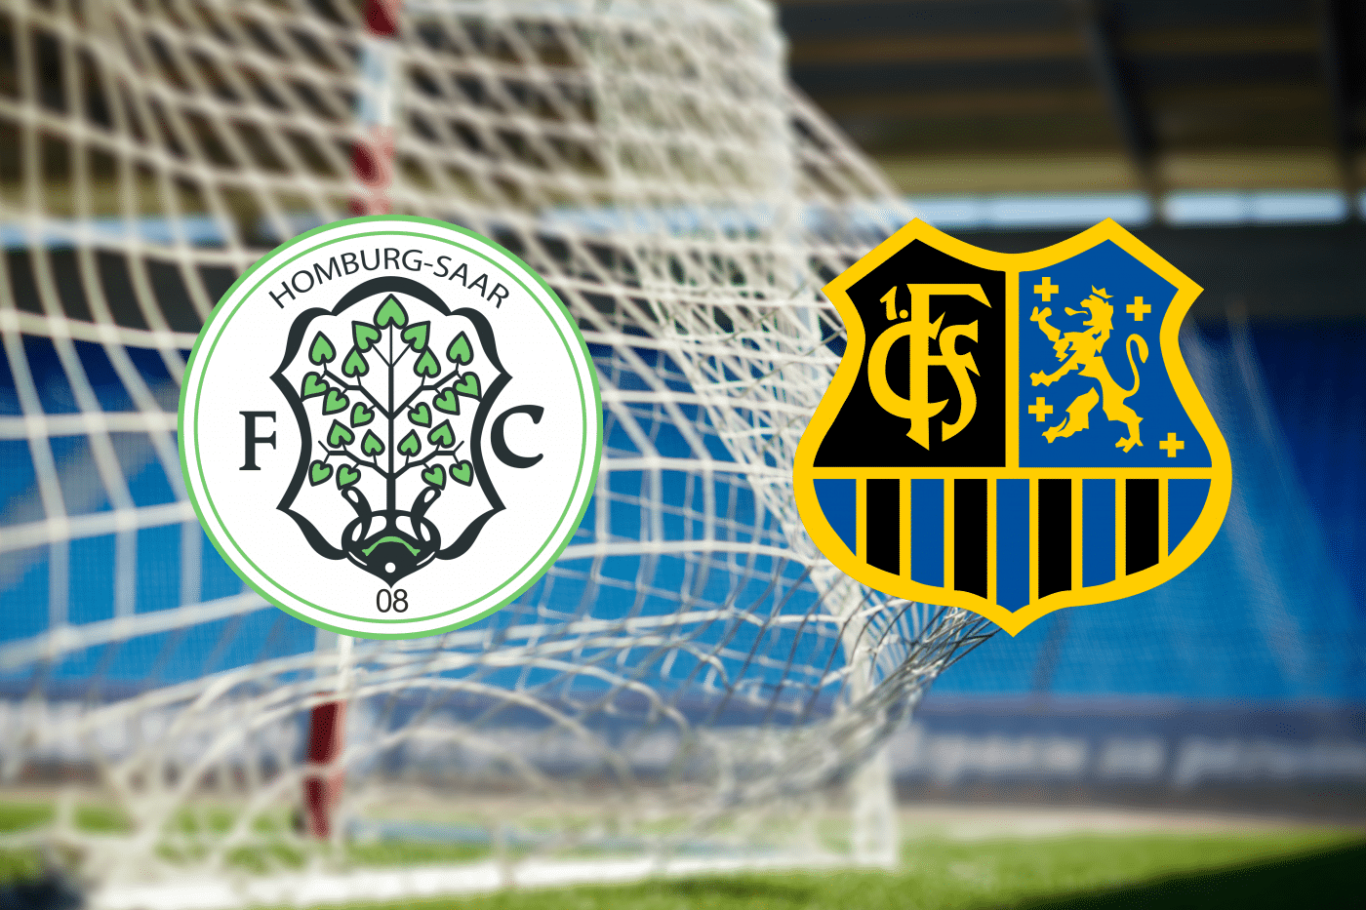 FC Homburg - 1. FC Saarbrücken